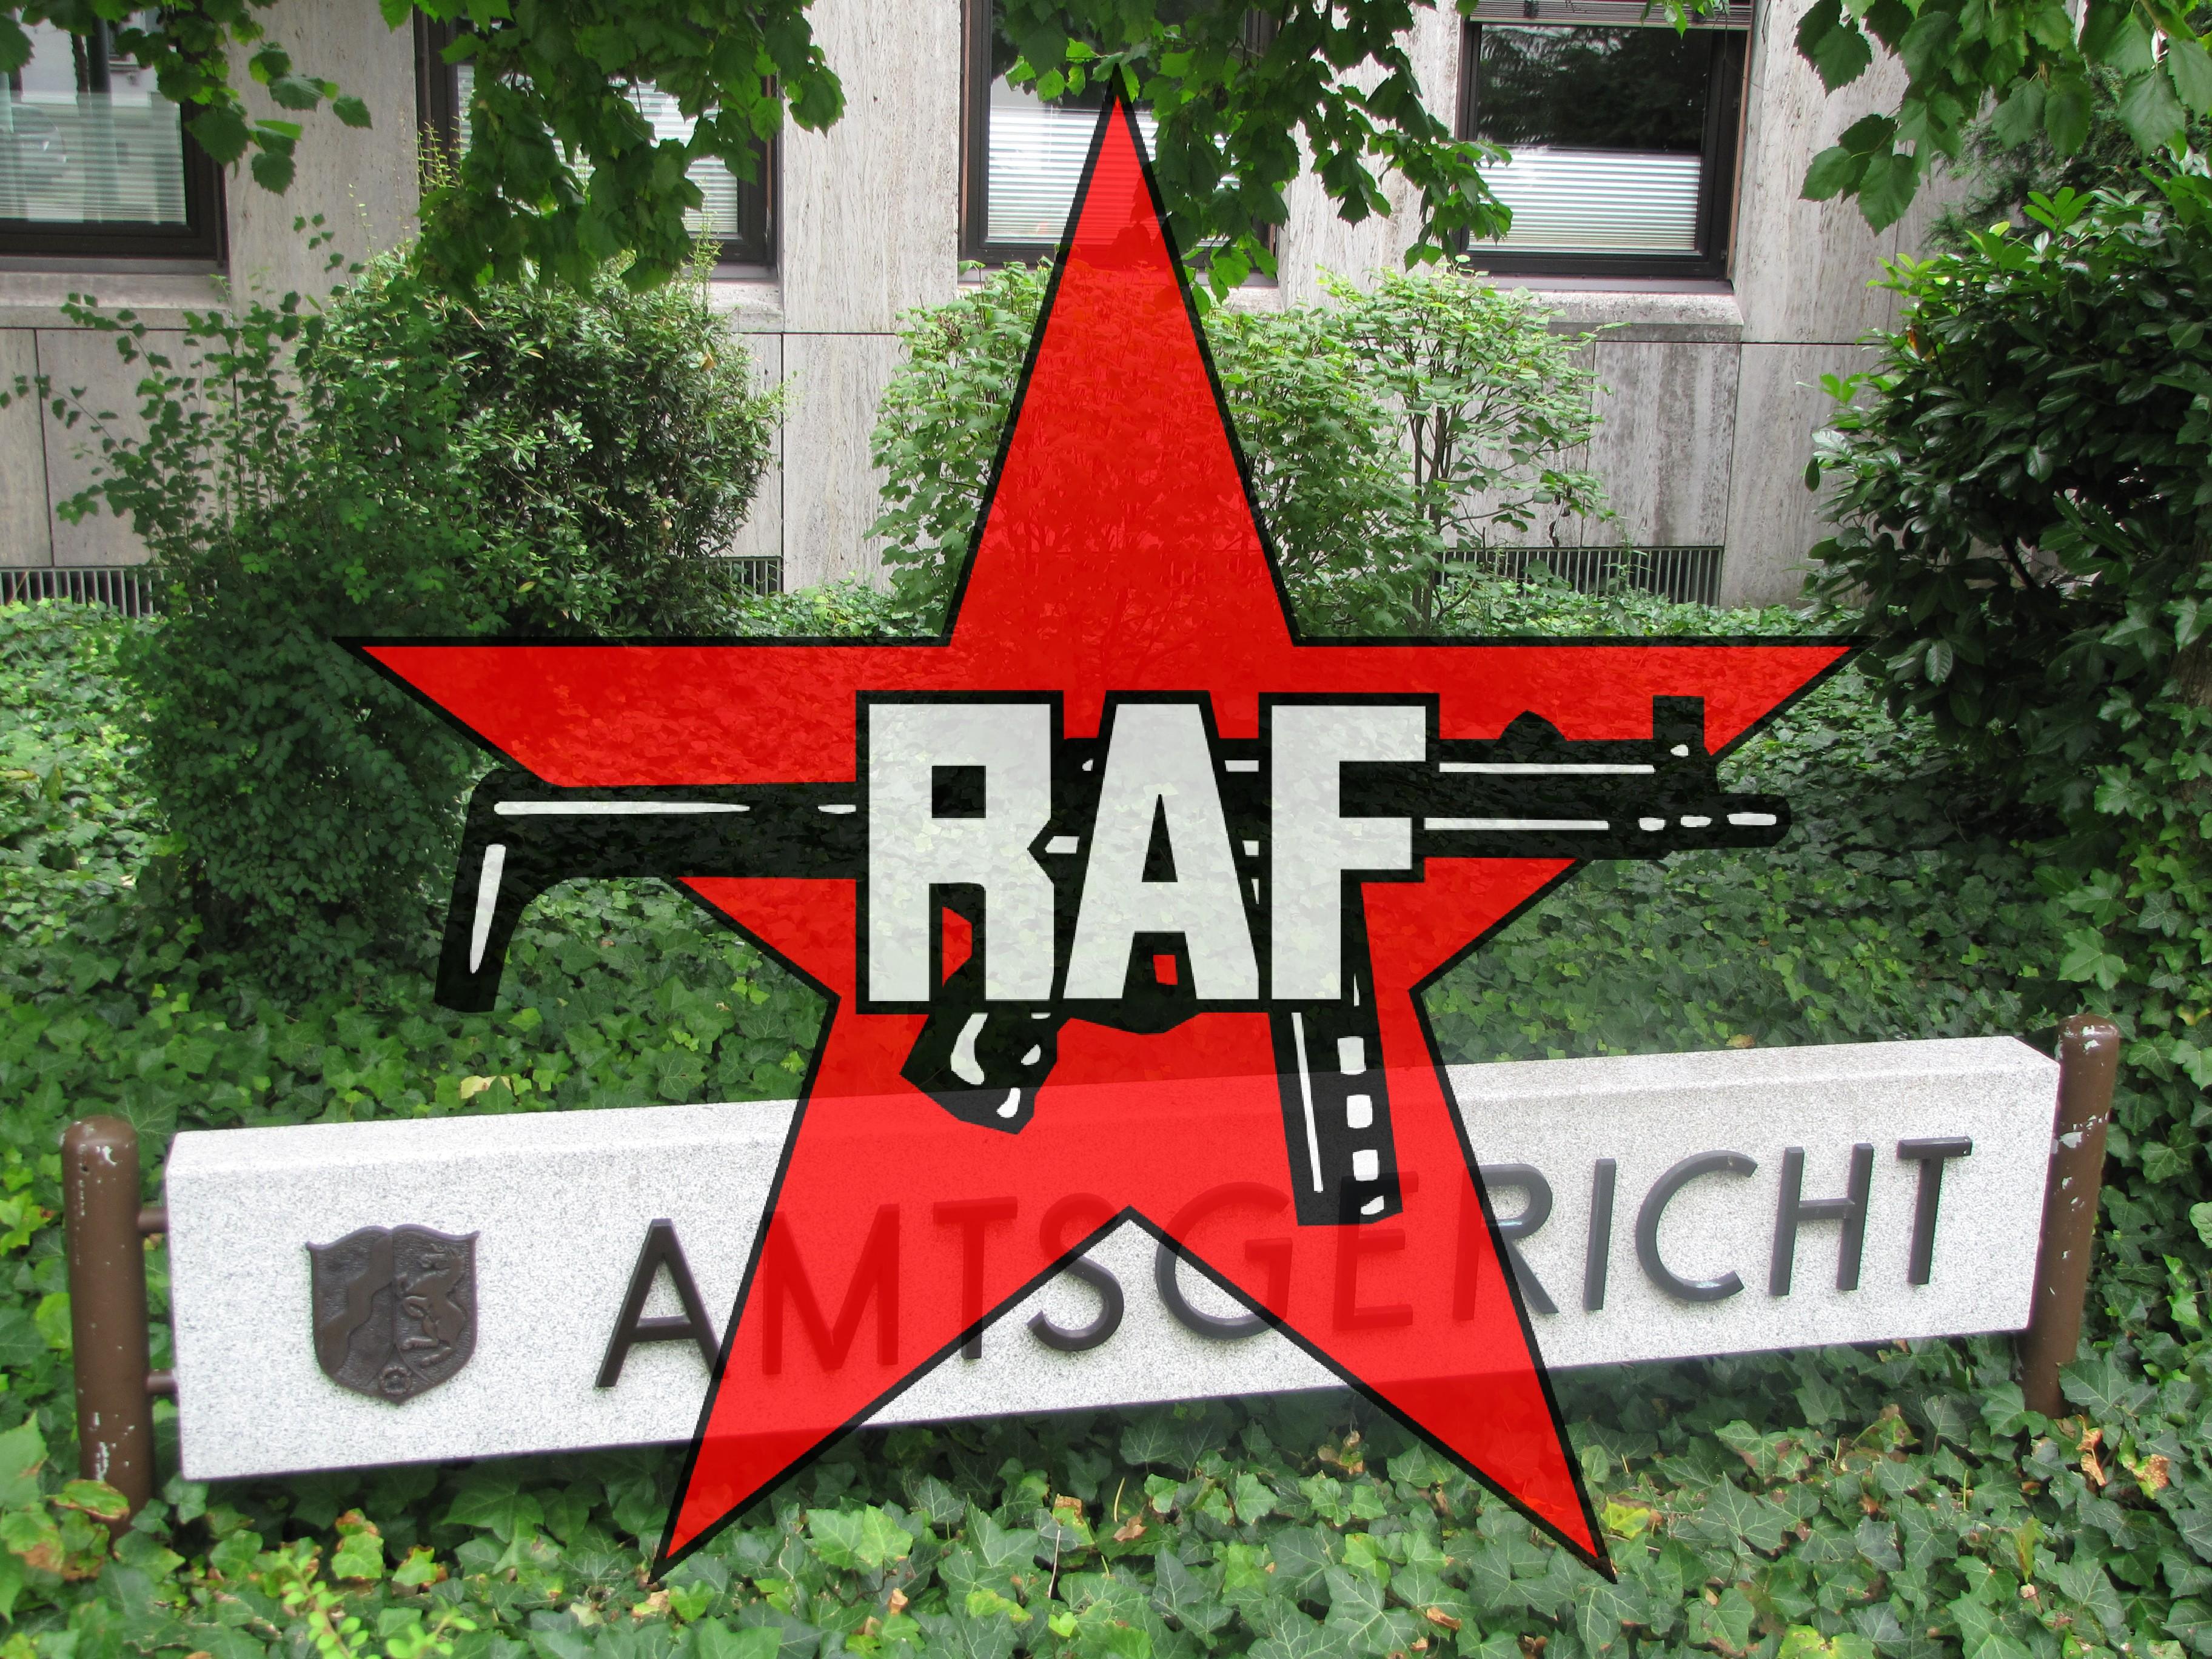 Amtsgericht Bielefeld Insolvenzabteilung öffnungszeiten Zwangsversteigerungen Nachlassgericht Urteile Kirchenaustritt Richter Familiengericht Richter Urteile (8)